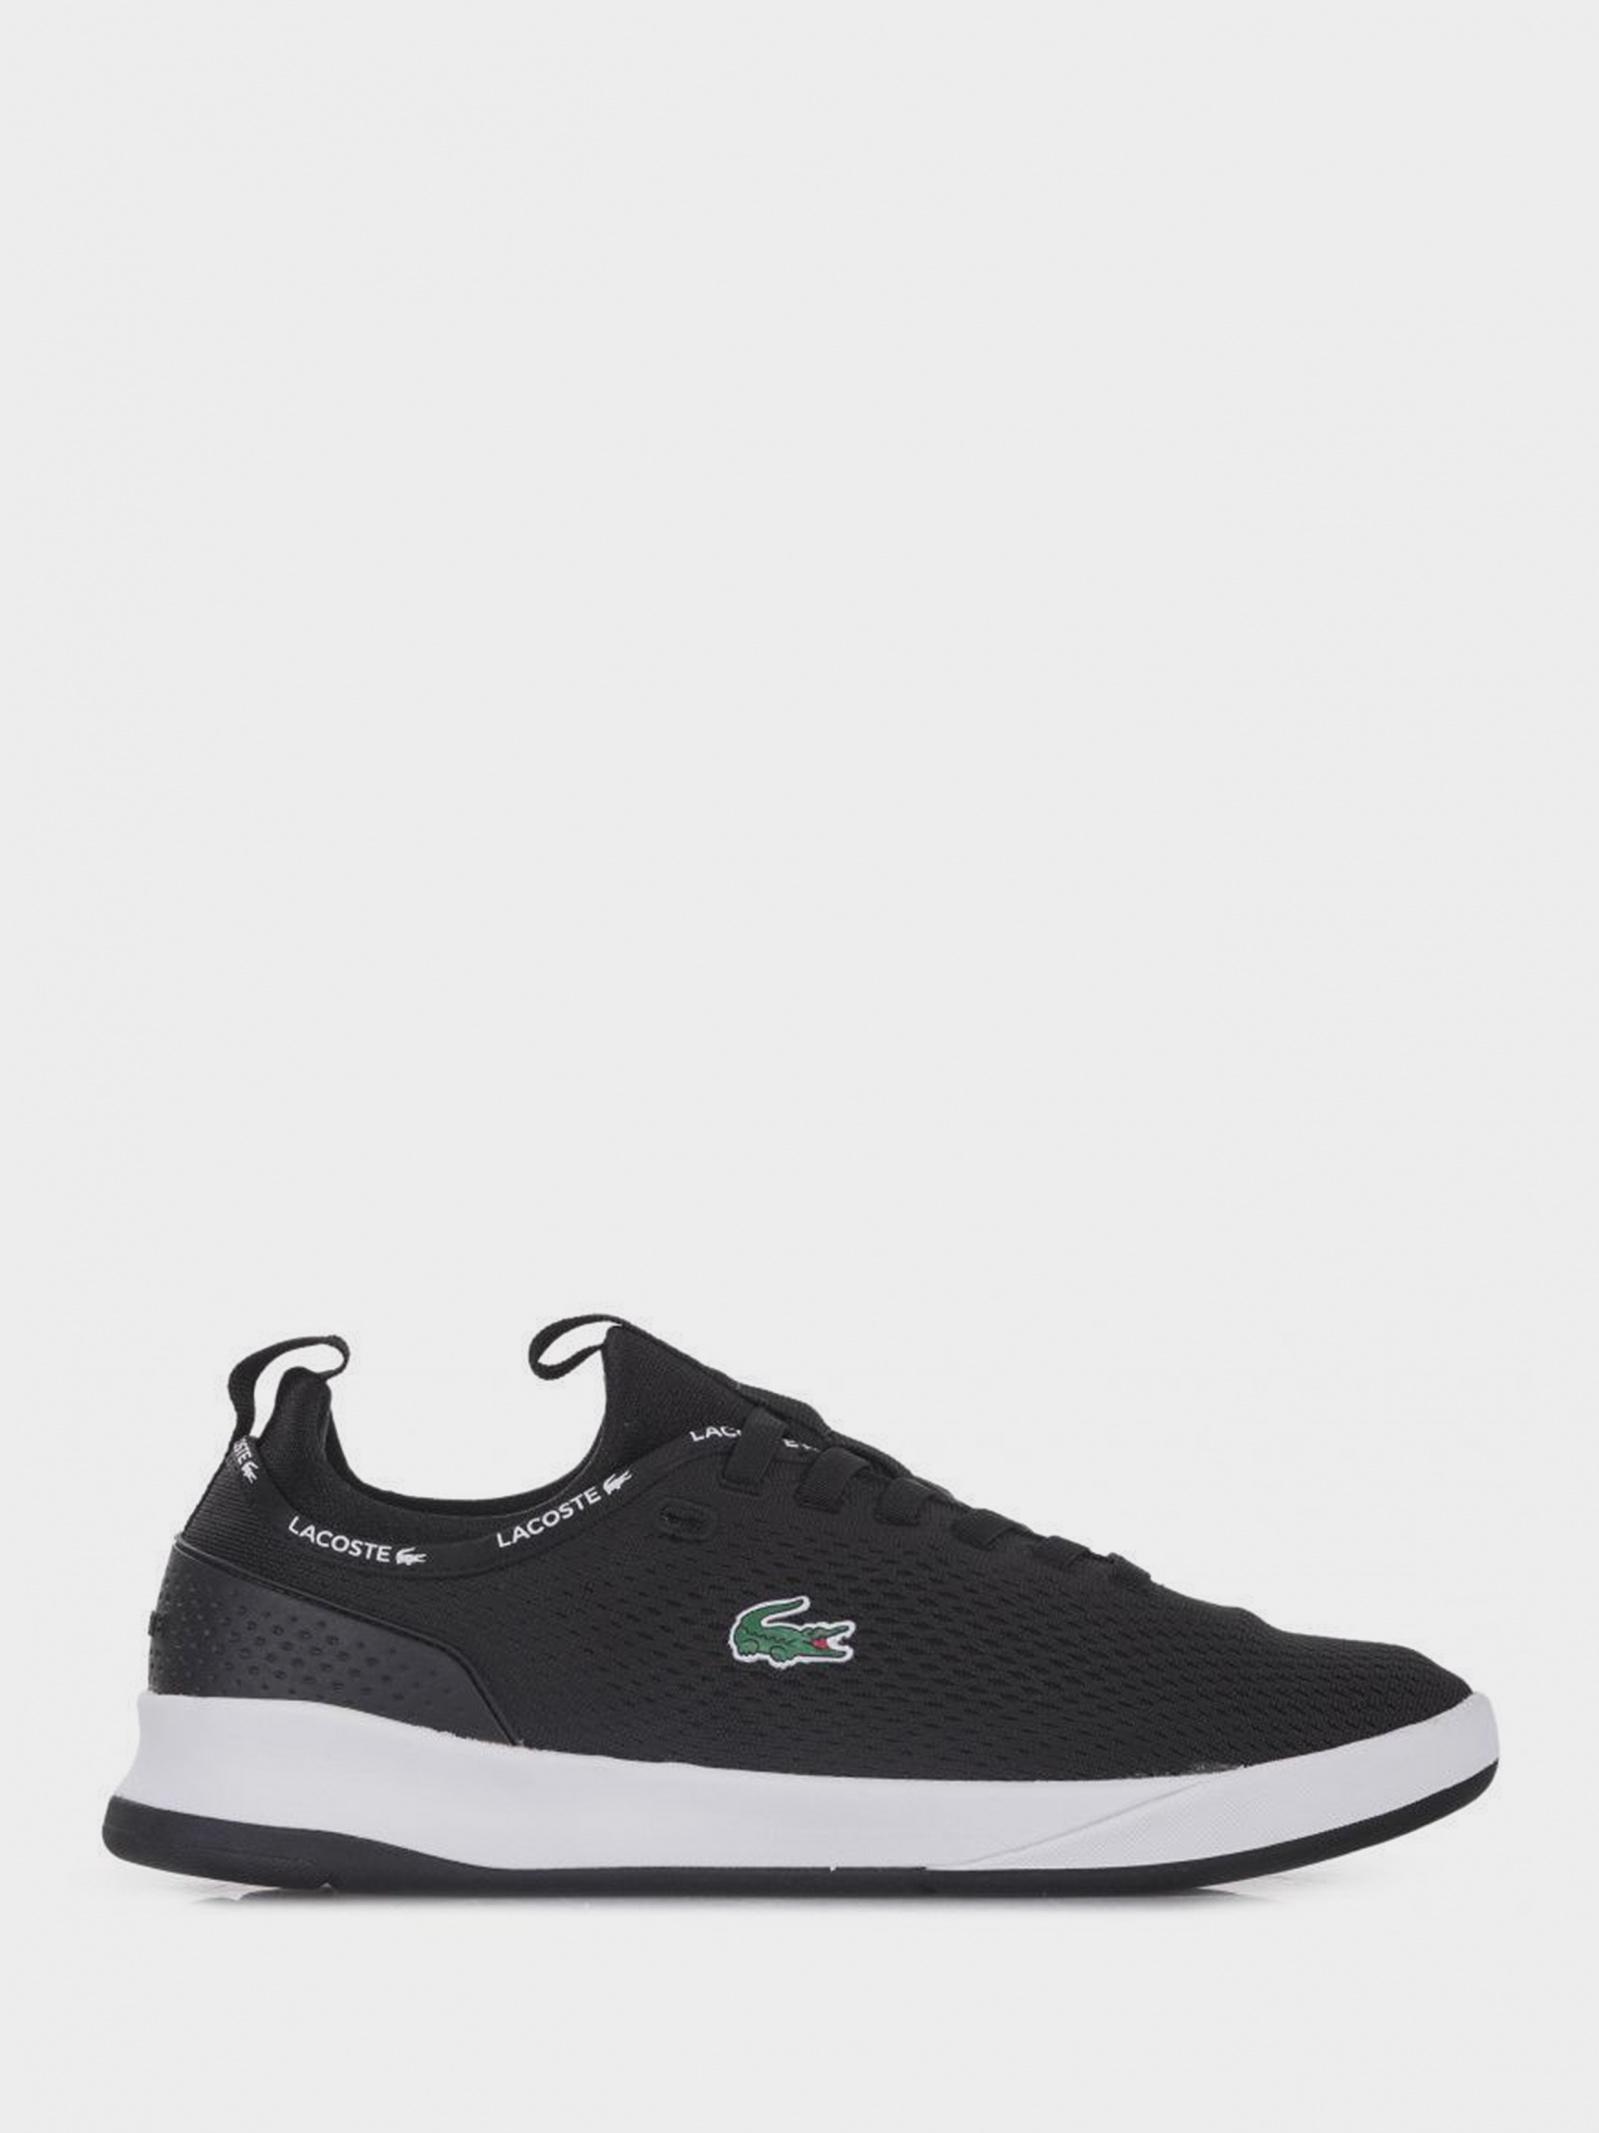 Кроссовки для мужчин Lacoste LK188 купить в Интертоп, 2017